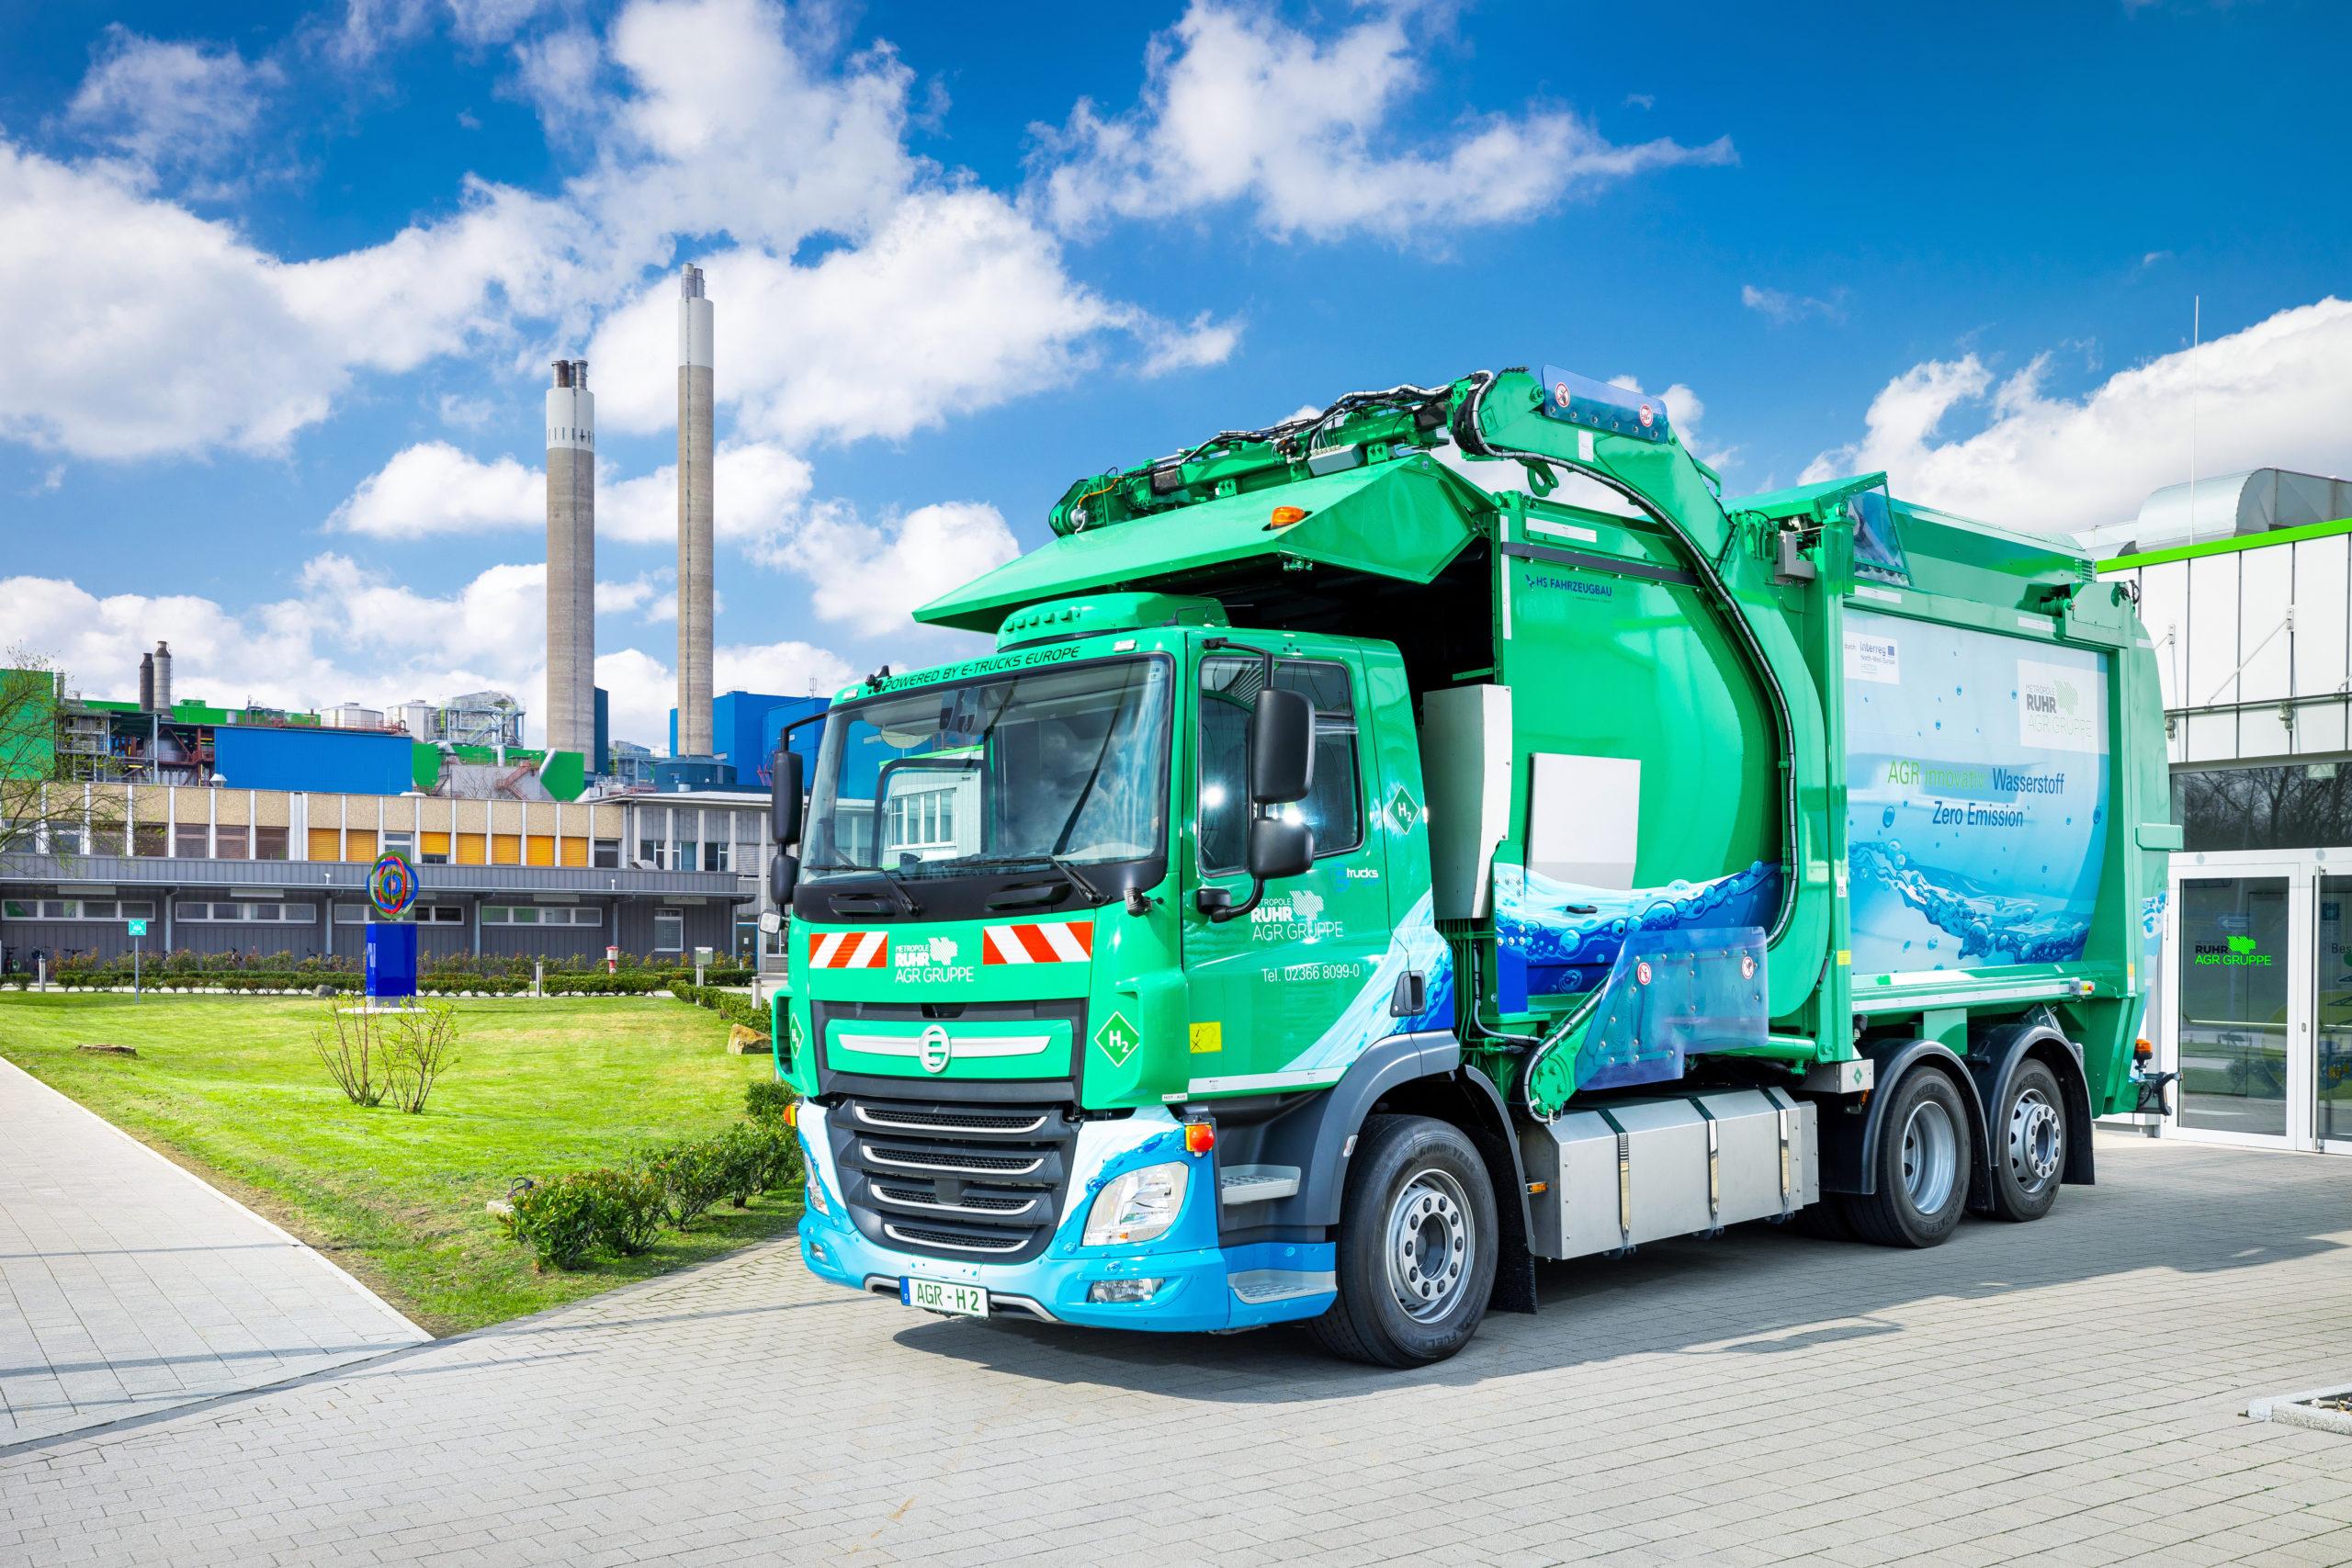 Emissionsfrei durchs Revier: AGR stellt neues Wasserstoff-Abfallsammelfahrzeug vor